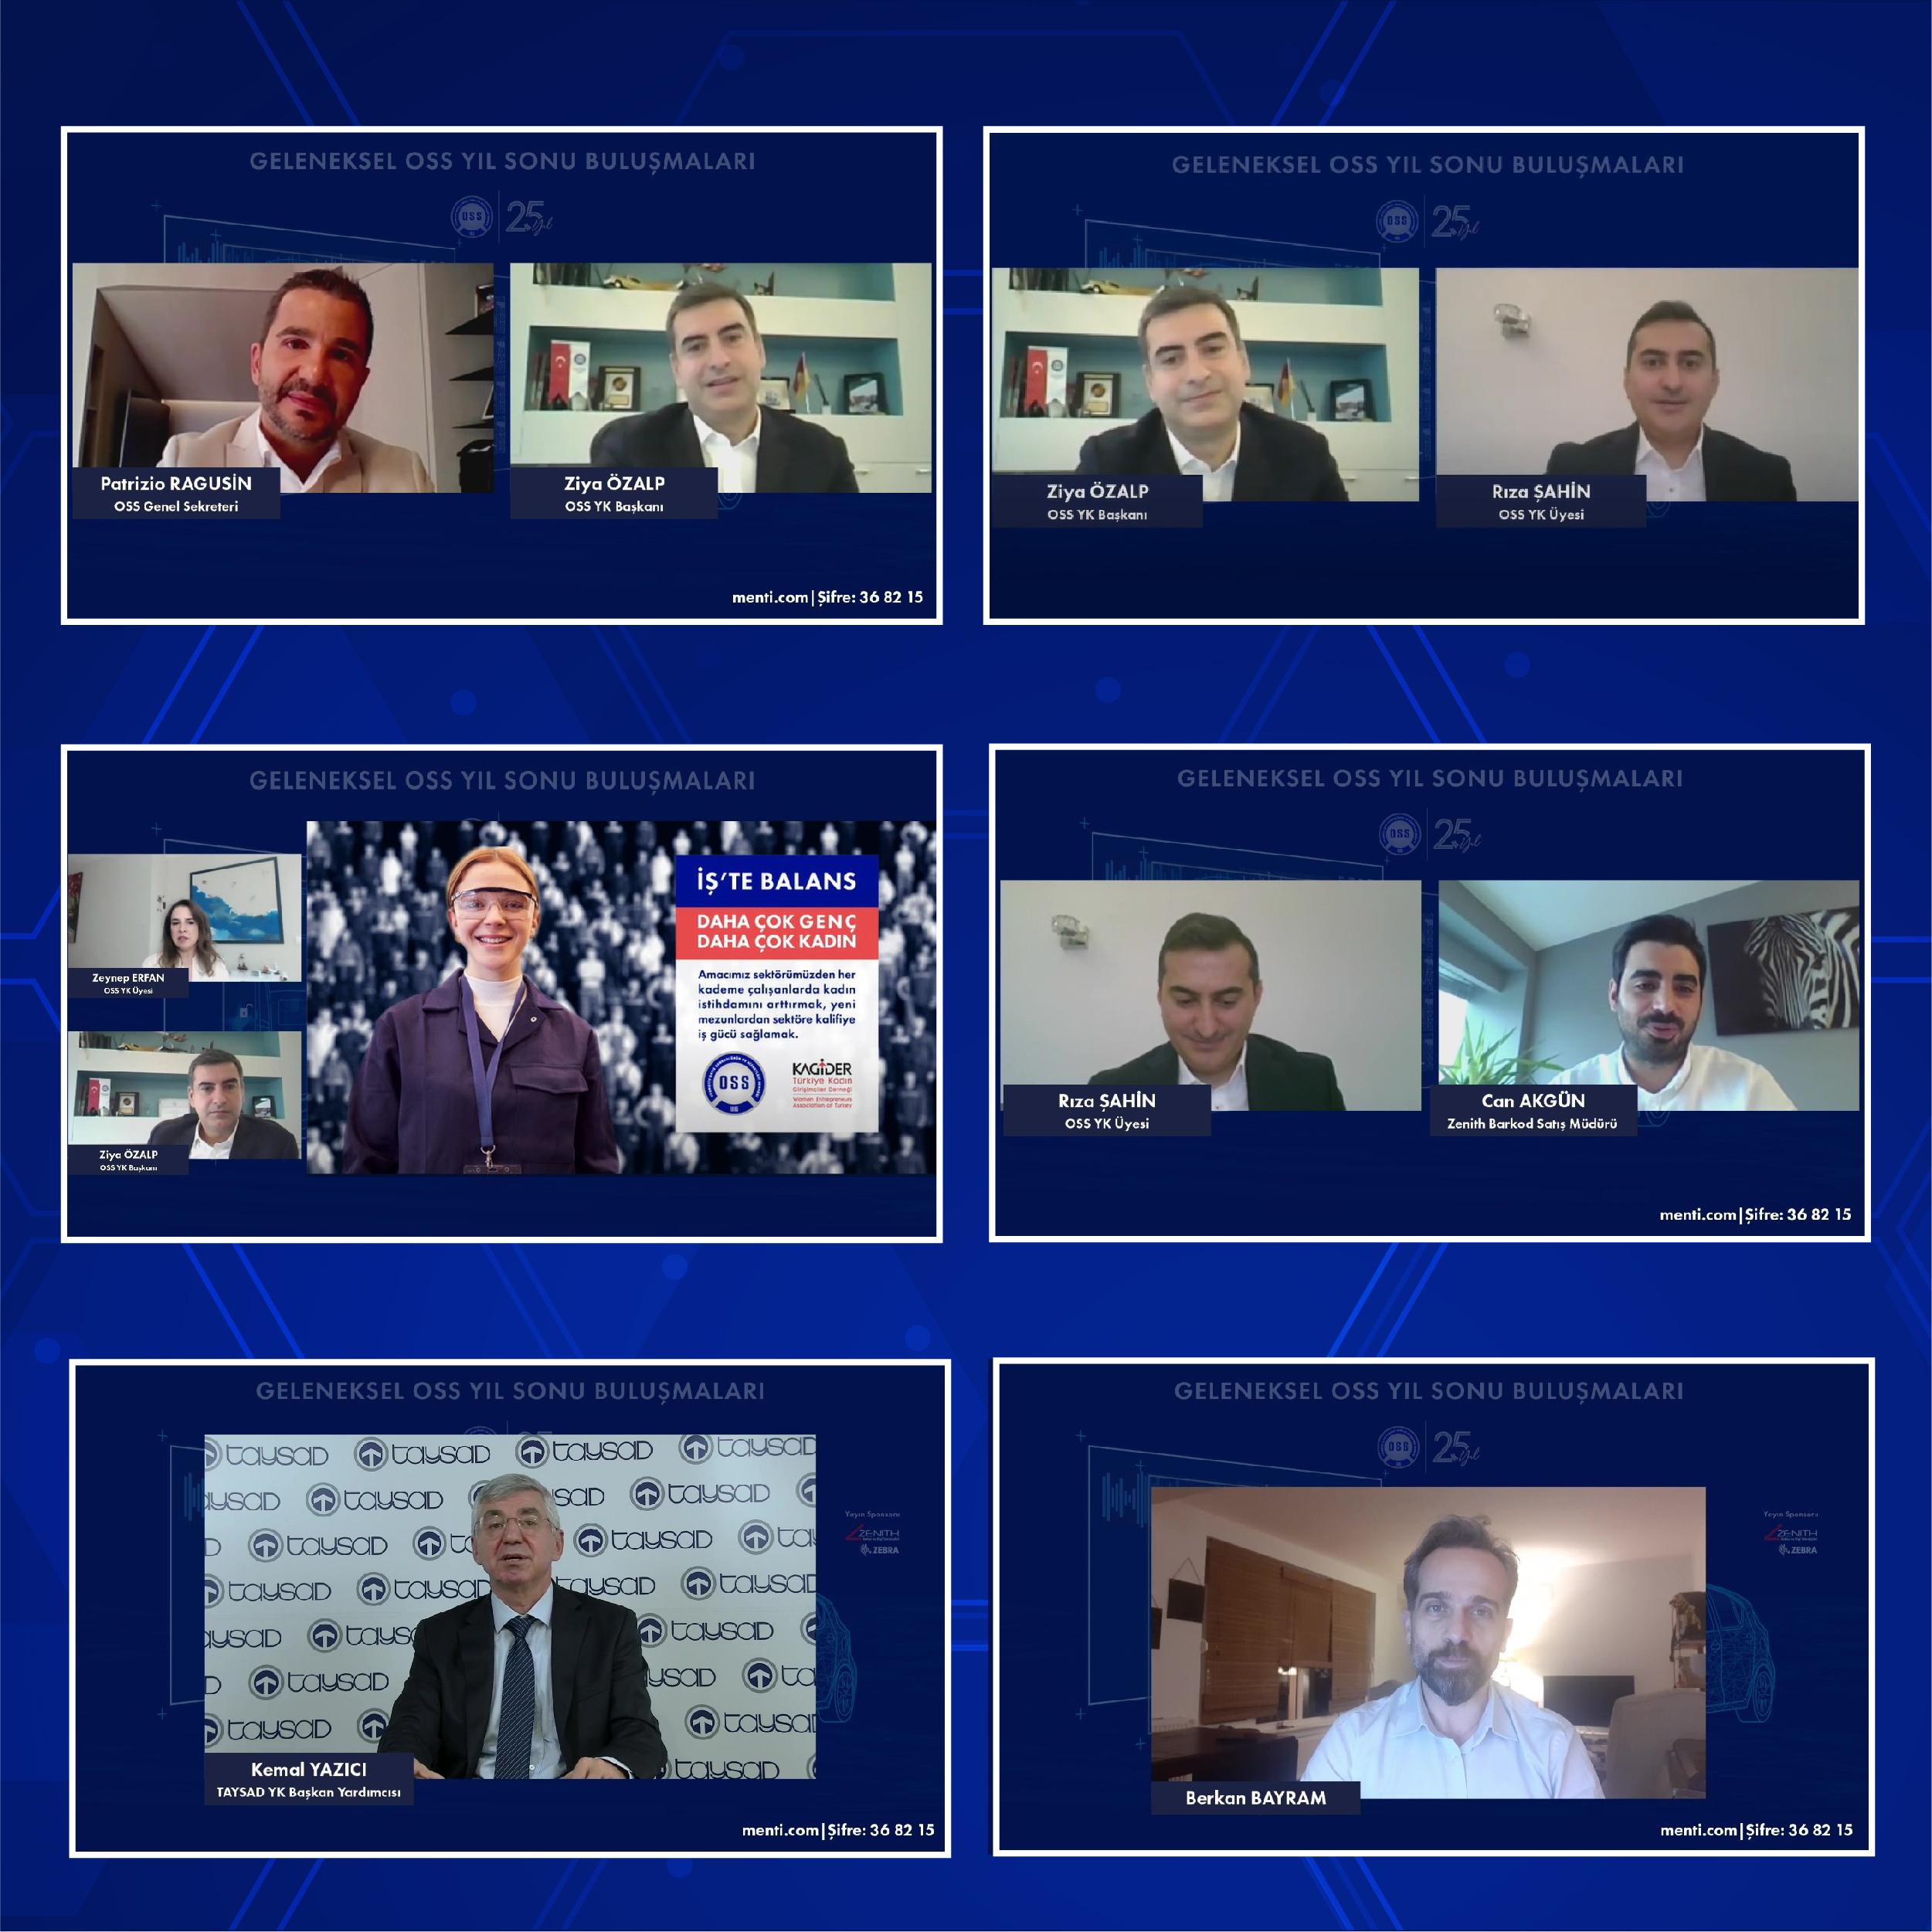 OSS Üyeleri Online Yıl Sonu Buluşmasında  Bir Araya Geldi